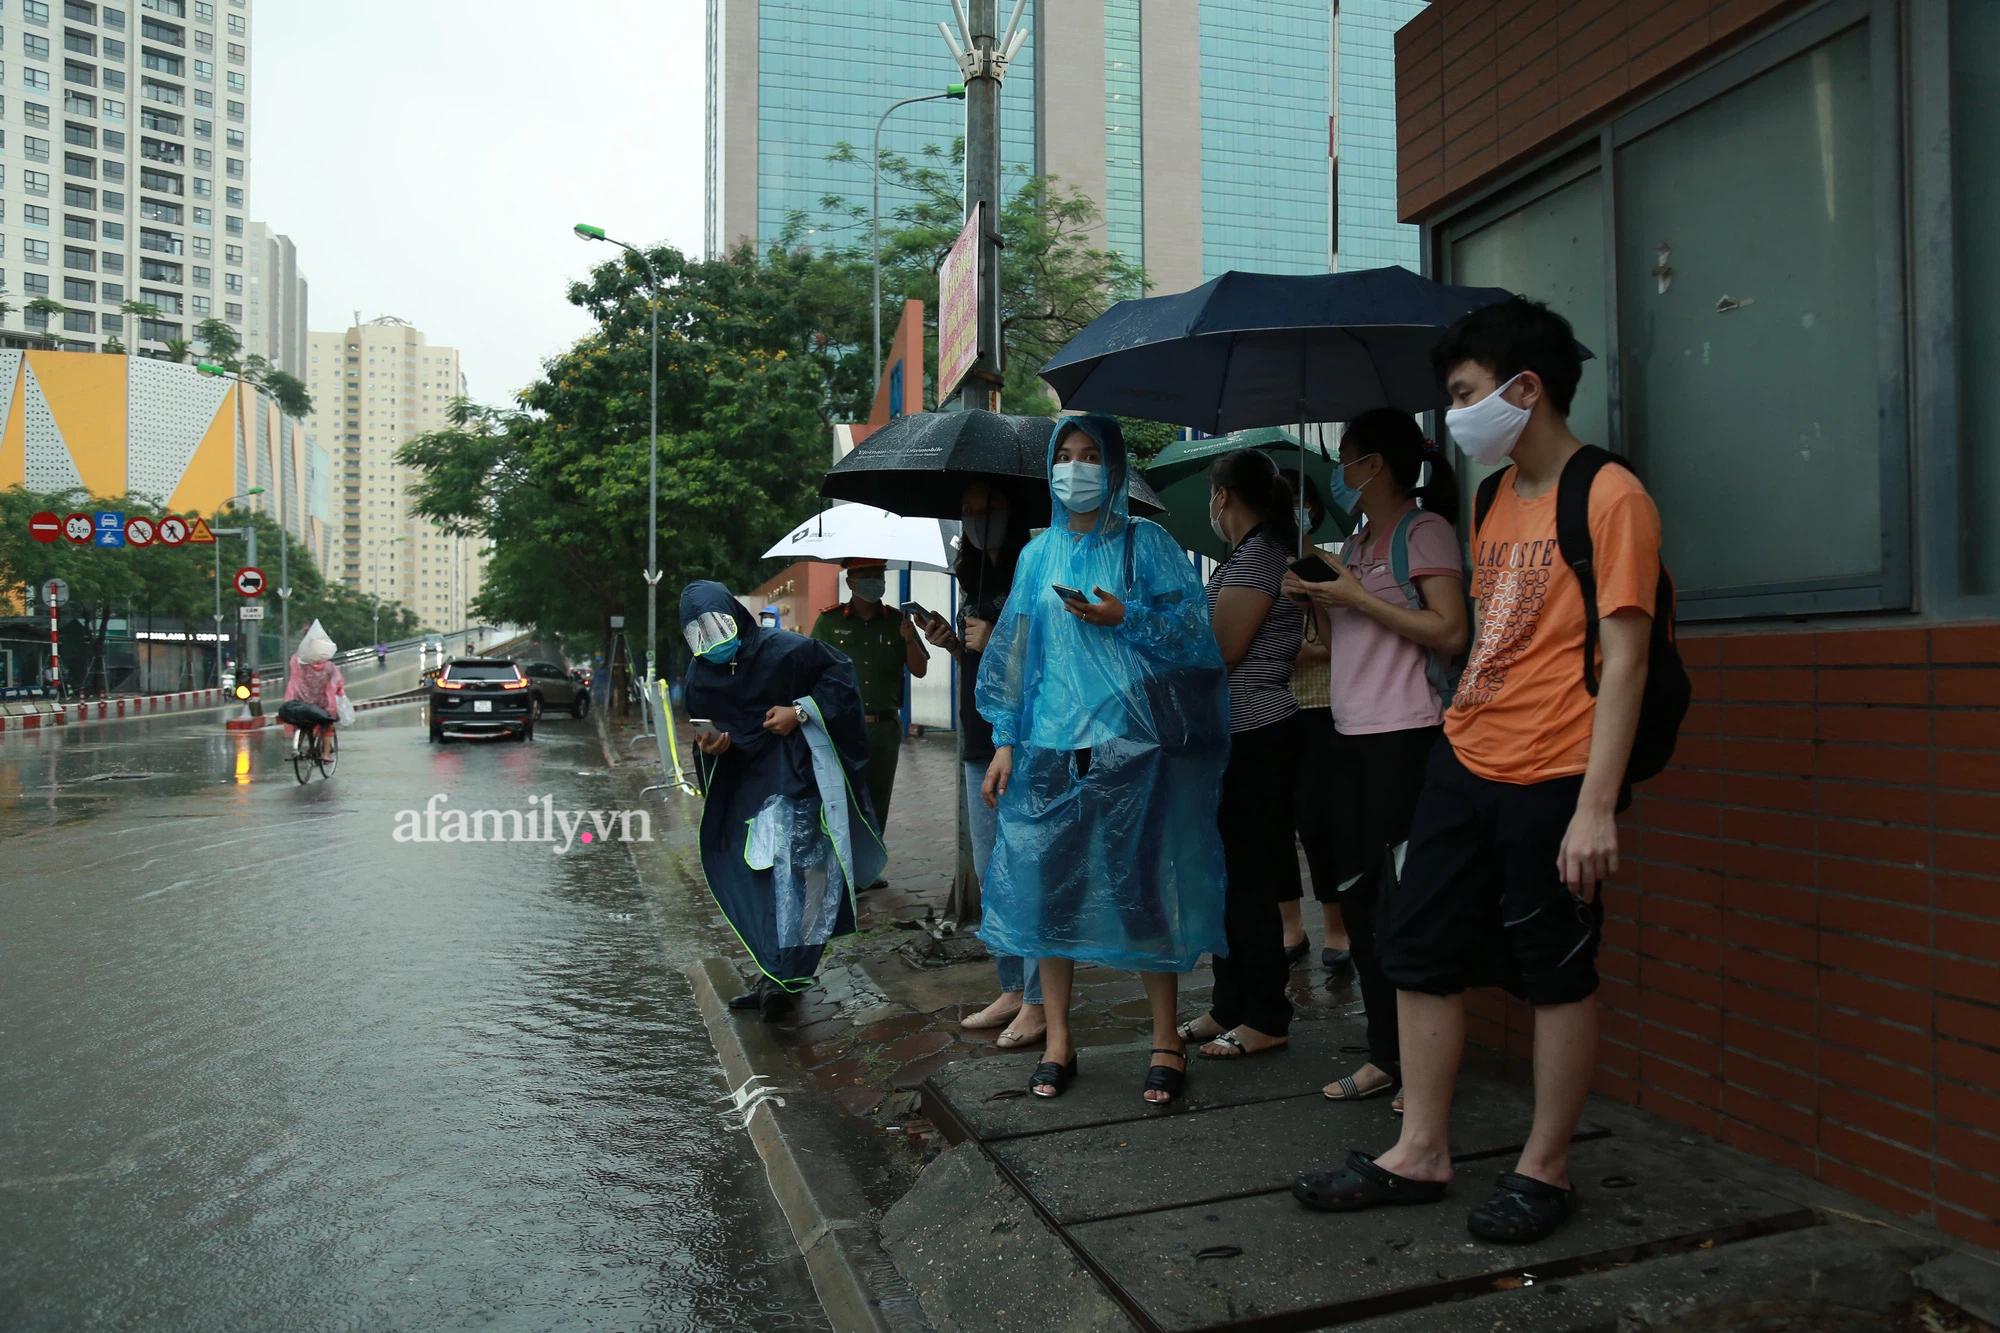 Mưa lớn như trút nước sáng 12/6, phụ huynh Hà Nội xách dép, đội mưa đưa con đi thi vào lớp 10 - Ảnh 2.